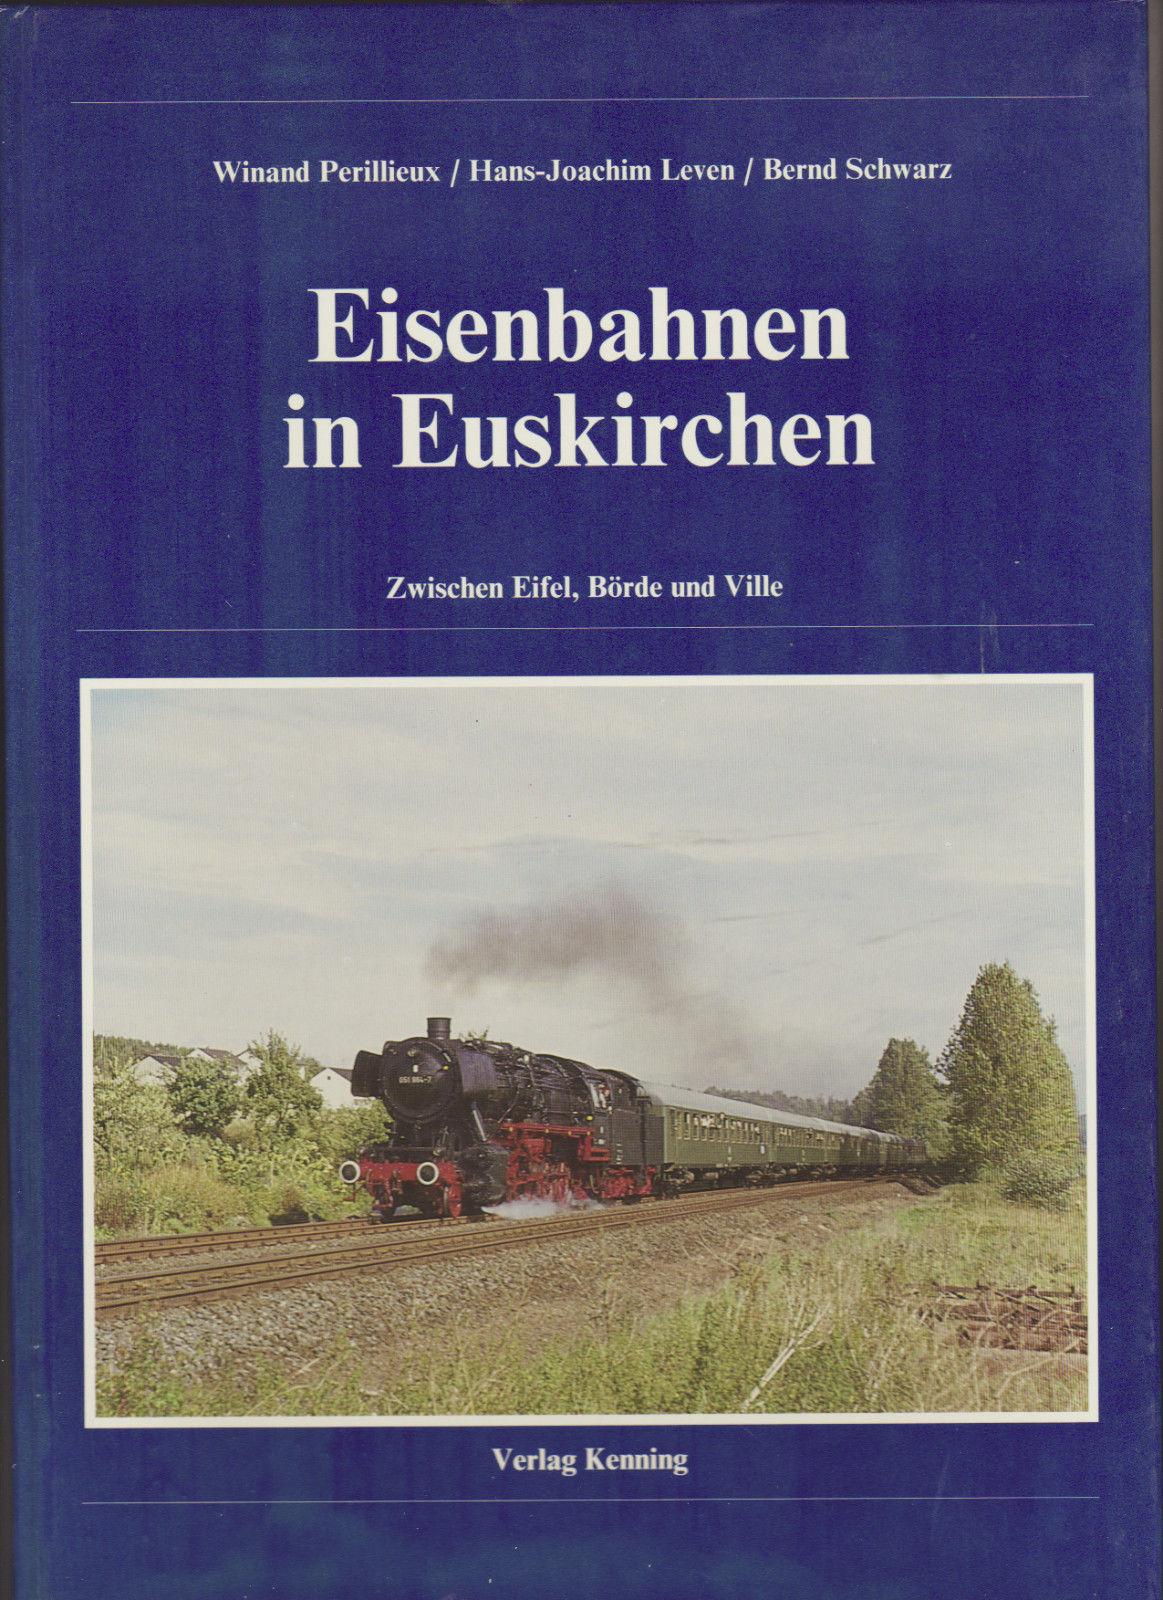 Eisenbahnen in Euskirchen